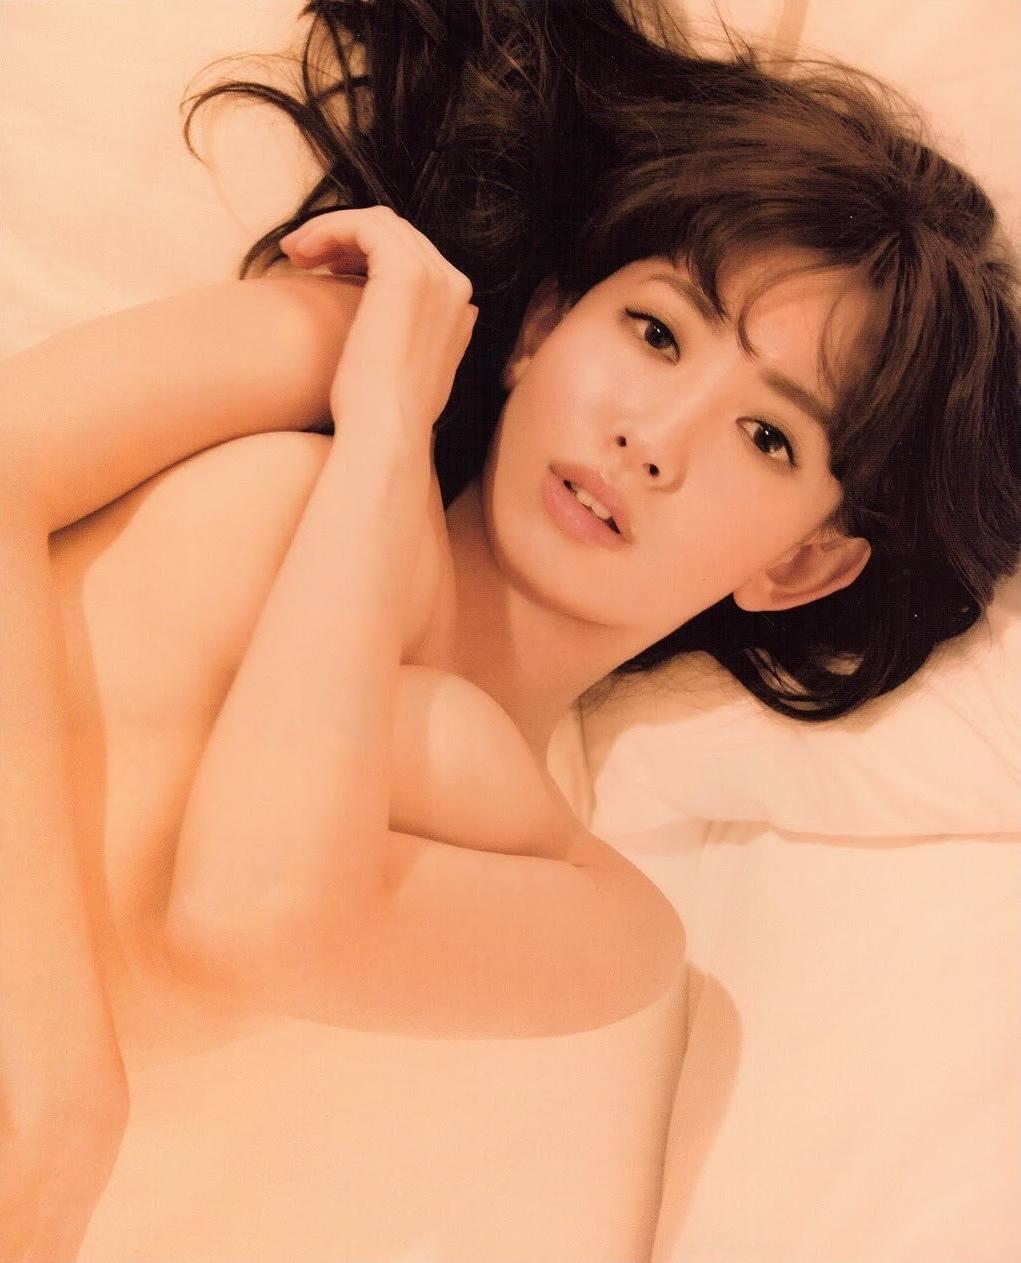 小嶋陽菜写真集「どうする?」の手ブラ画像